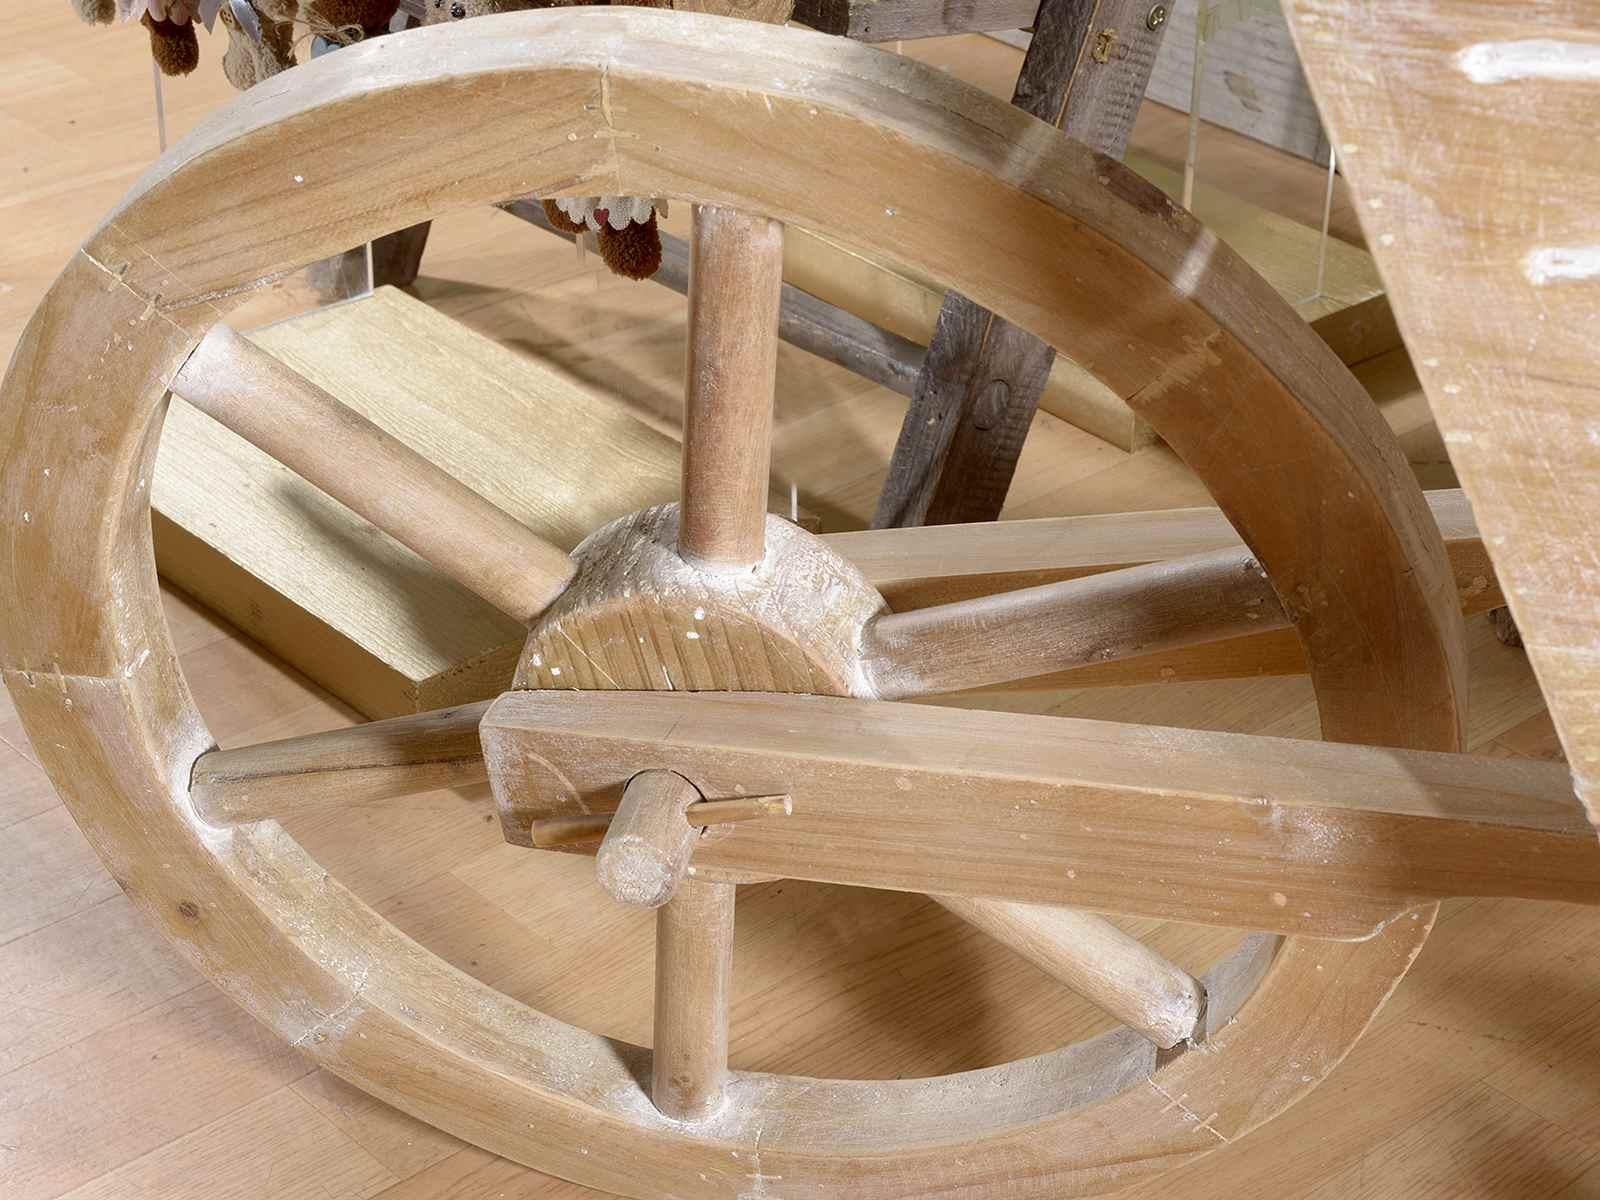 Brouette d co en bois grandeur nature art from italy - Brouette bois decorative ...